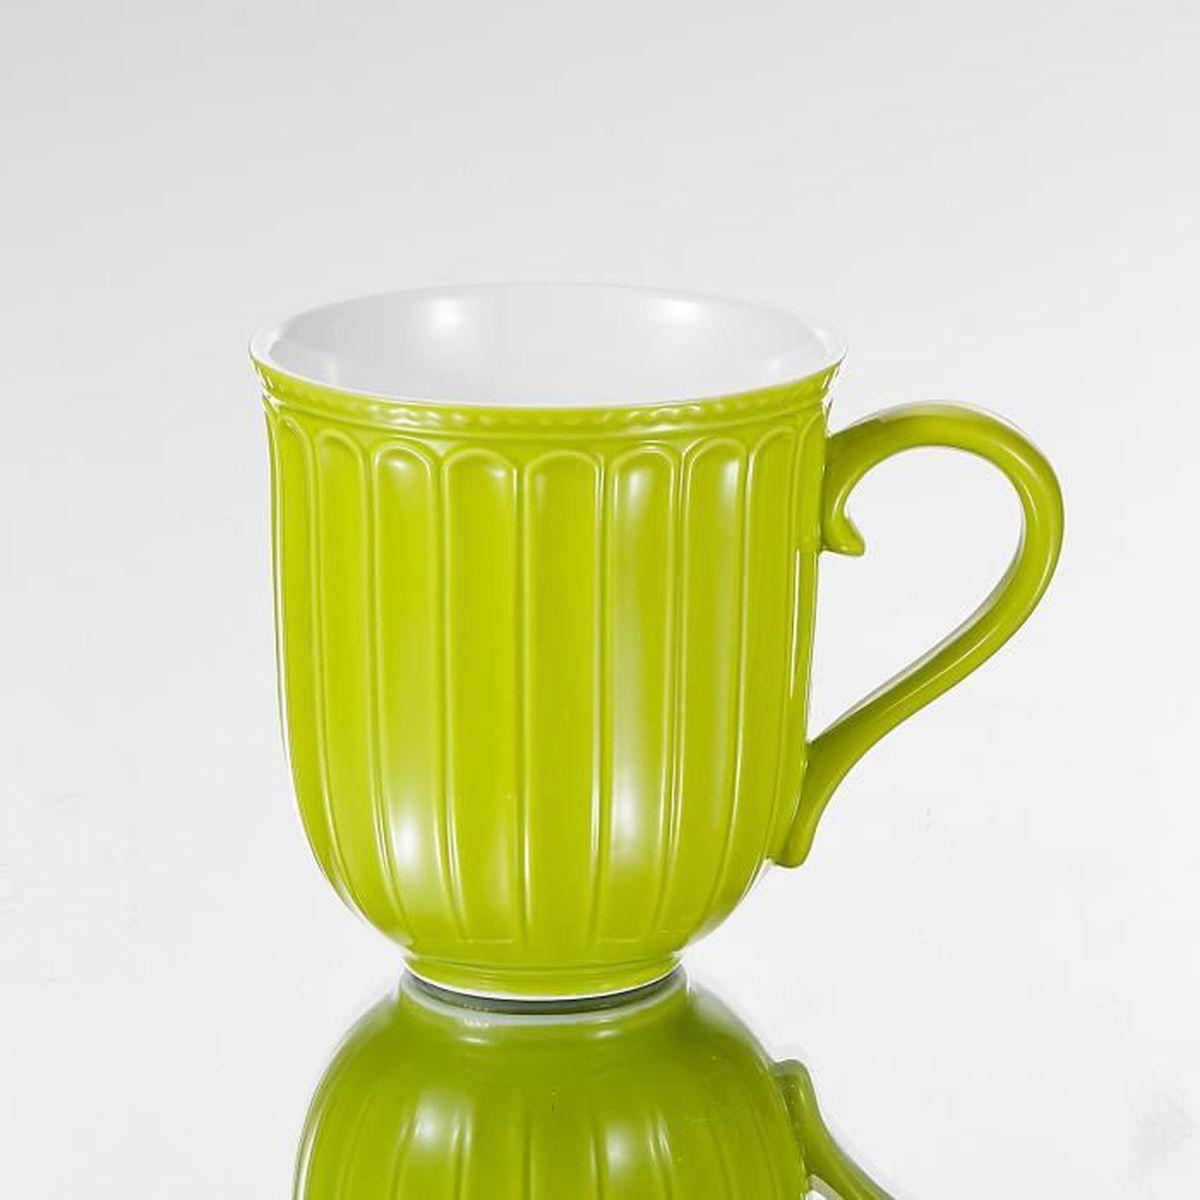 350ml 7cm Thé 12 9 Café Panbado 8 6pcs 8 Tasse Mugs Porcelaine À EH2YeD9WIb